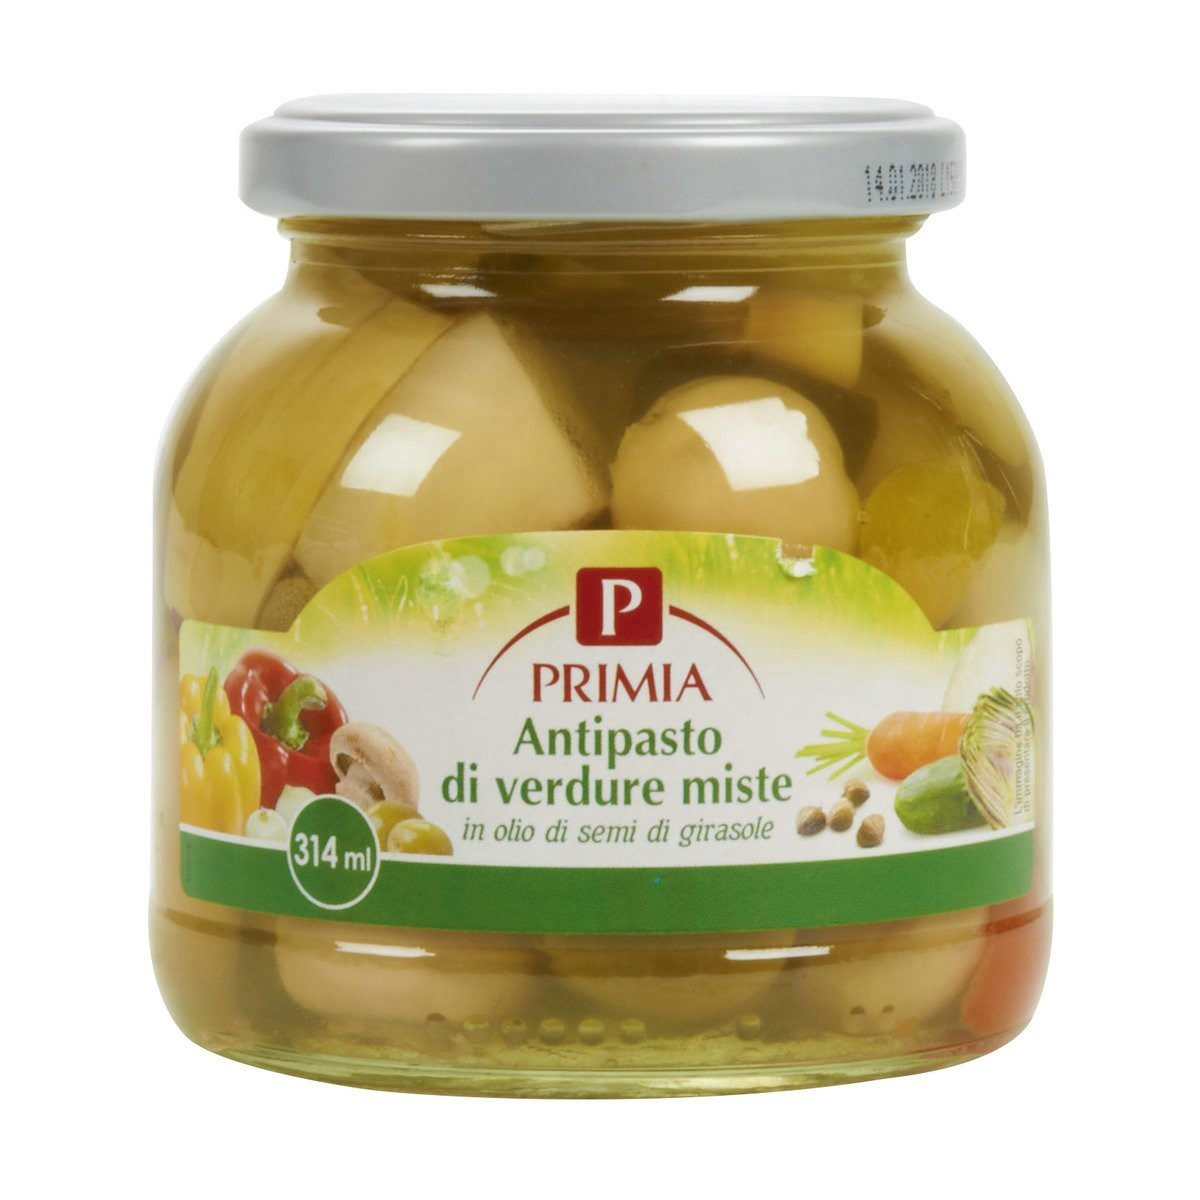 Primia Antipasto di verdure miste